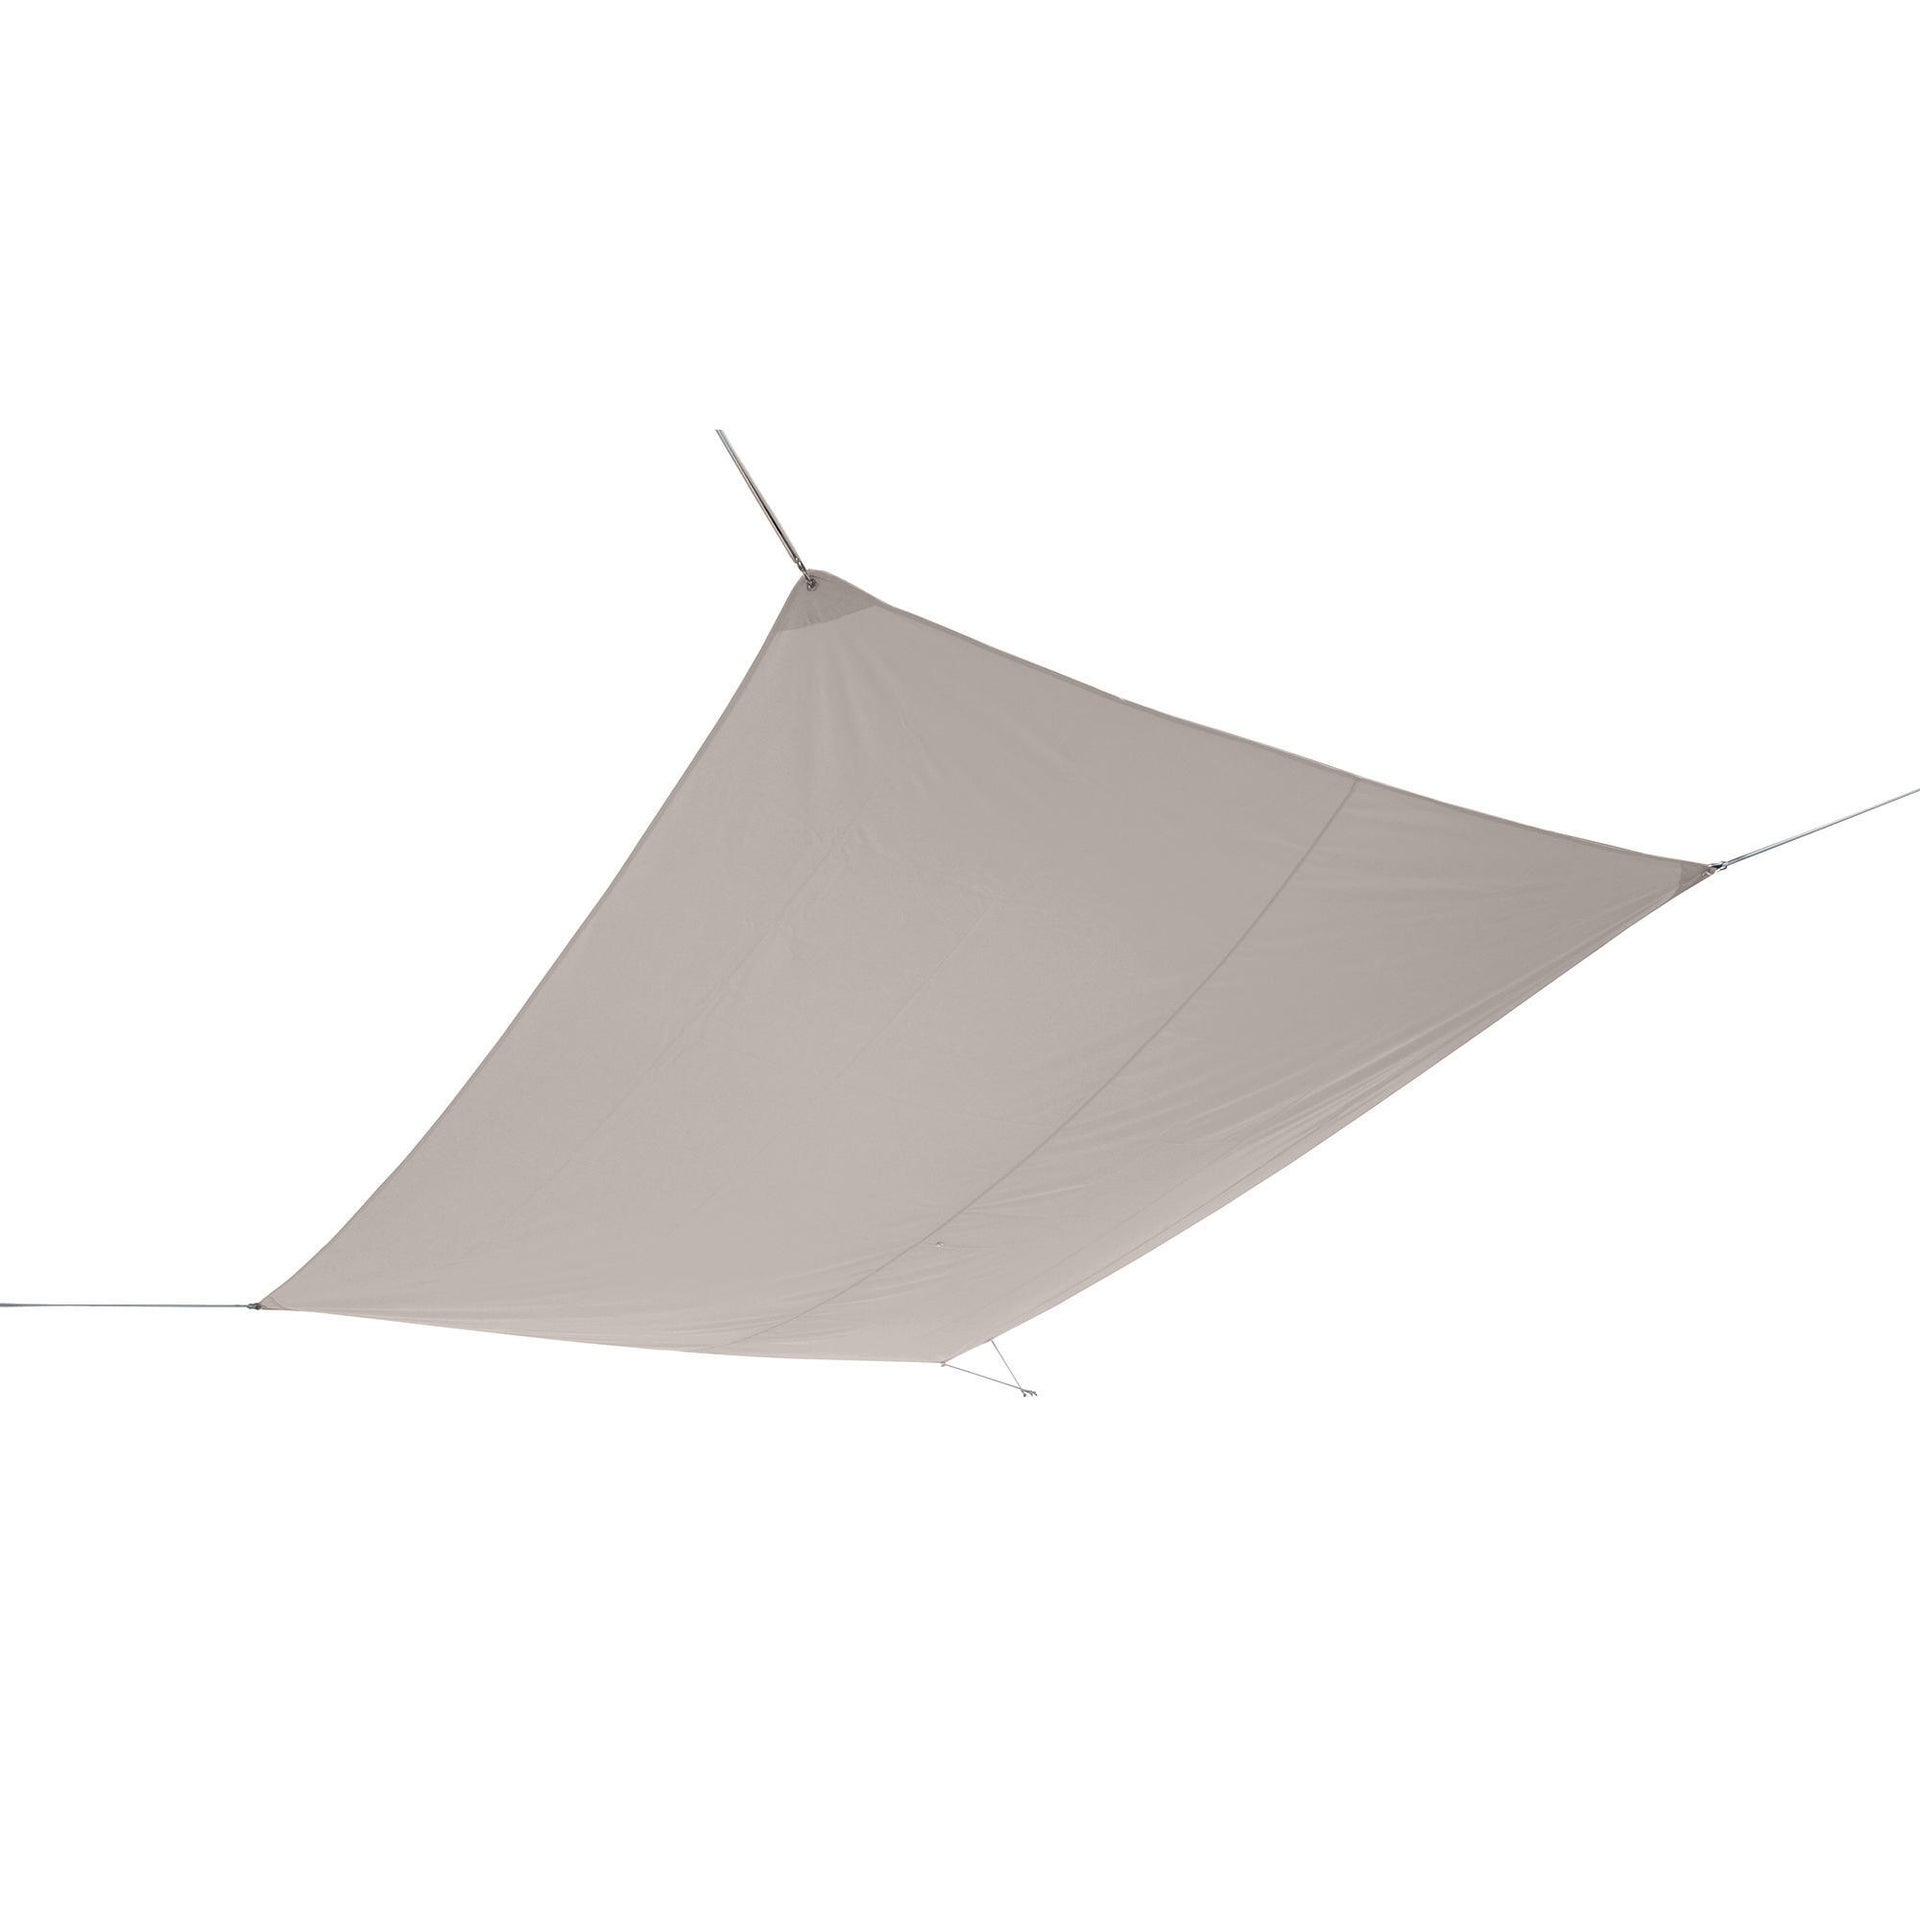 Vela ombreggiante rettangolare tortora 300 x 400 cm - 2